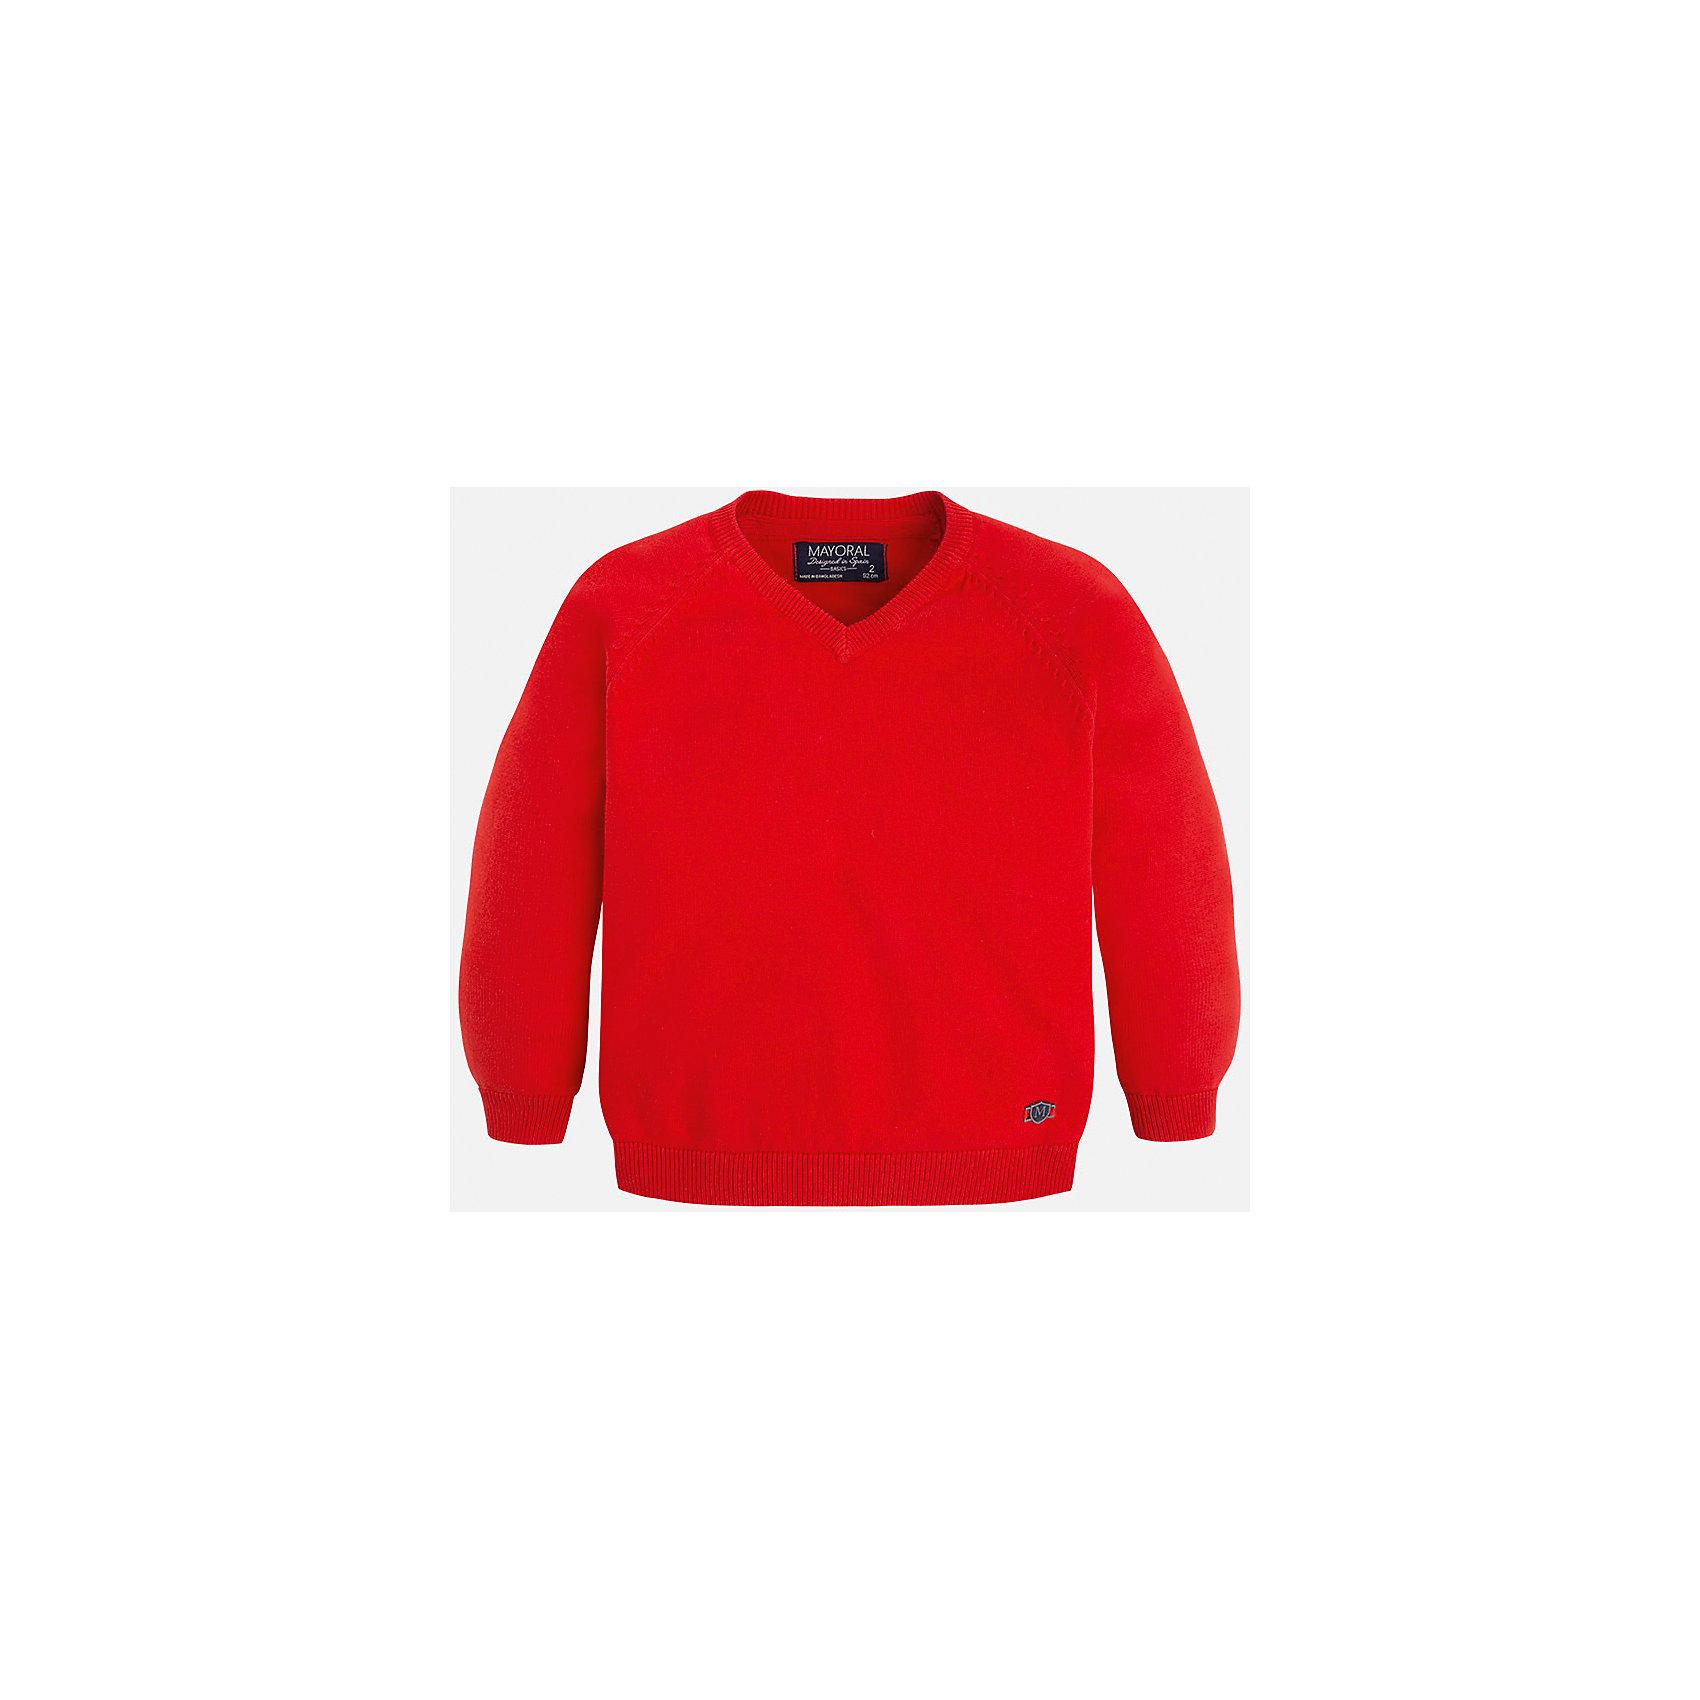 Свитер для мальчика MayoralСвитера и кардиганы<br>Стильный свитер для настоящего джентльмена с V- образным вырезом! У свитера классический крой и красивый вырез, поэтому его можно комбинировать с разными вещими и носить в любой сезон.<br><br>Дополнительная информация:<br><br>- Прямой крой,V- образный вырез. <br>- Страна бренда: Испания.<br>- Состав: хлопок 100%<br>- Цвет: красный.<br>- Уход: бережная стирка при 30 градусах.<br><br>Купить свитер для мальчика Mayoral можно в нашем магазине.<br><br>Ширина мм: 190<br>Глубина мм: 74<br>Высота мм: 229<br>Вес г: 236<br>Цвет: коричневый<br>Возраст от месяцев: 48<br>Возраст до месяцев: 60<br>Пол: Мужской<br>Возраст: Детский<br>Размер: 110,104,98,122,134,128,116<br>SKU: 4821695